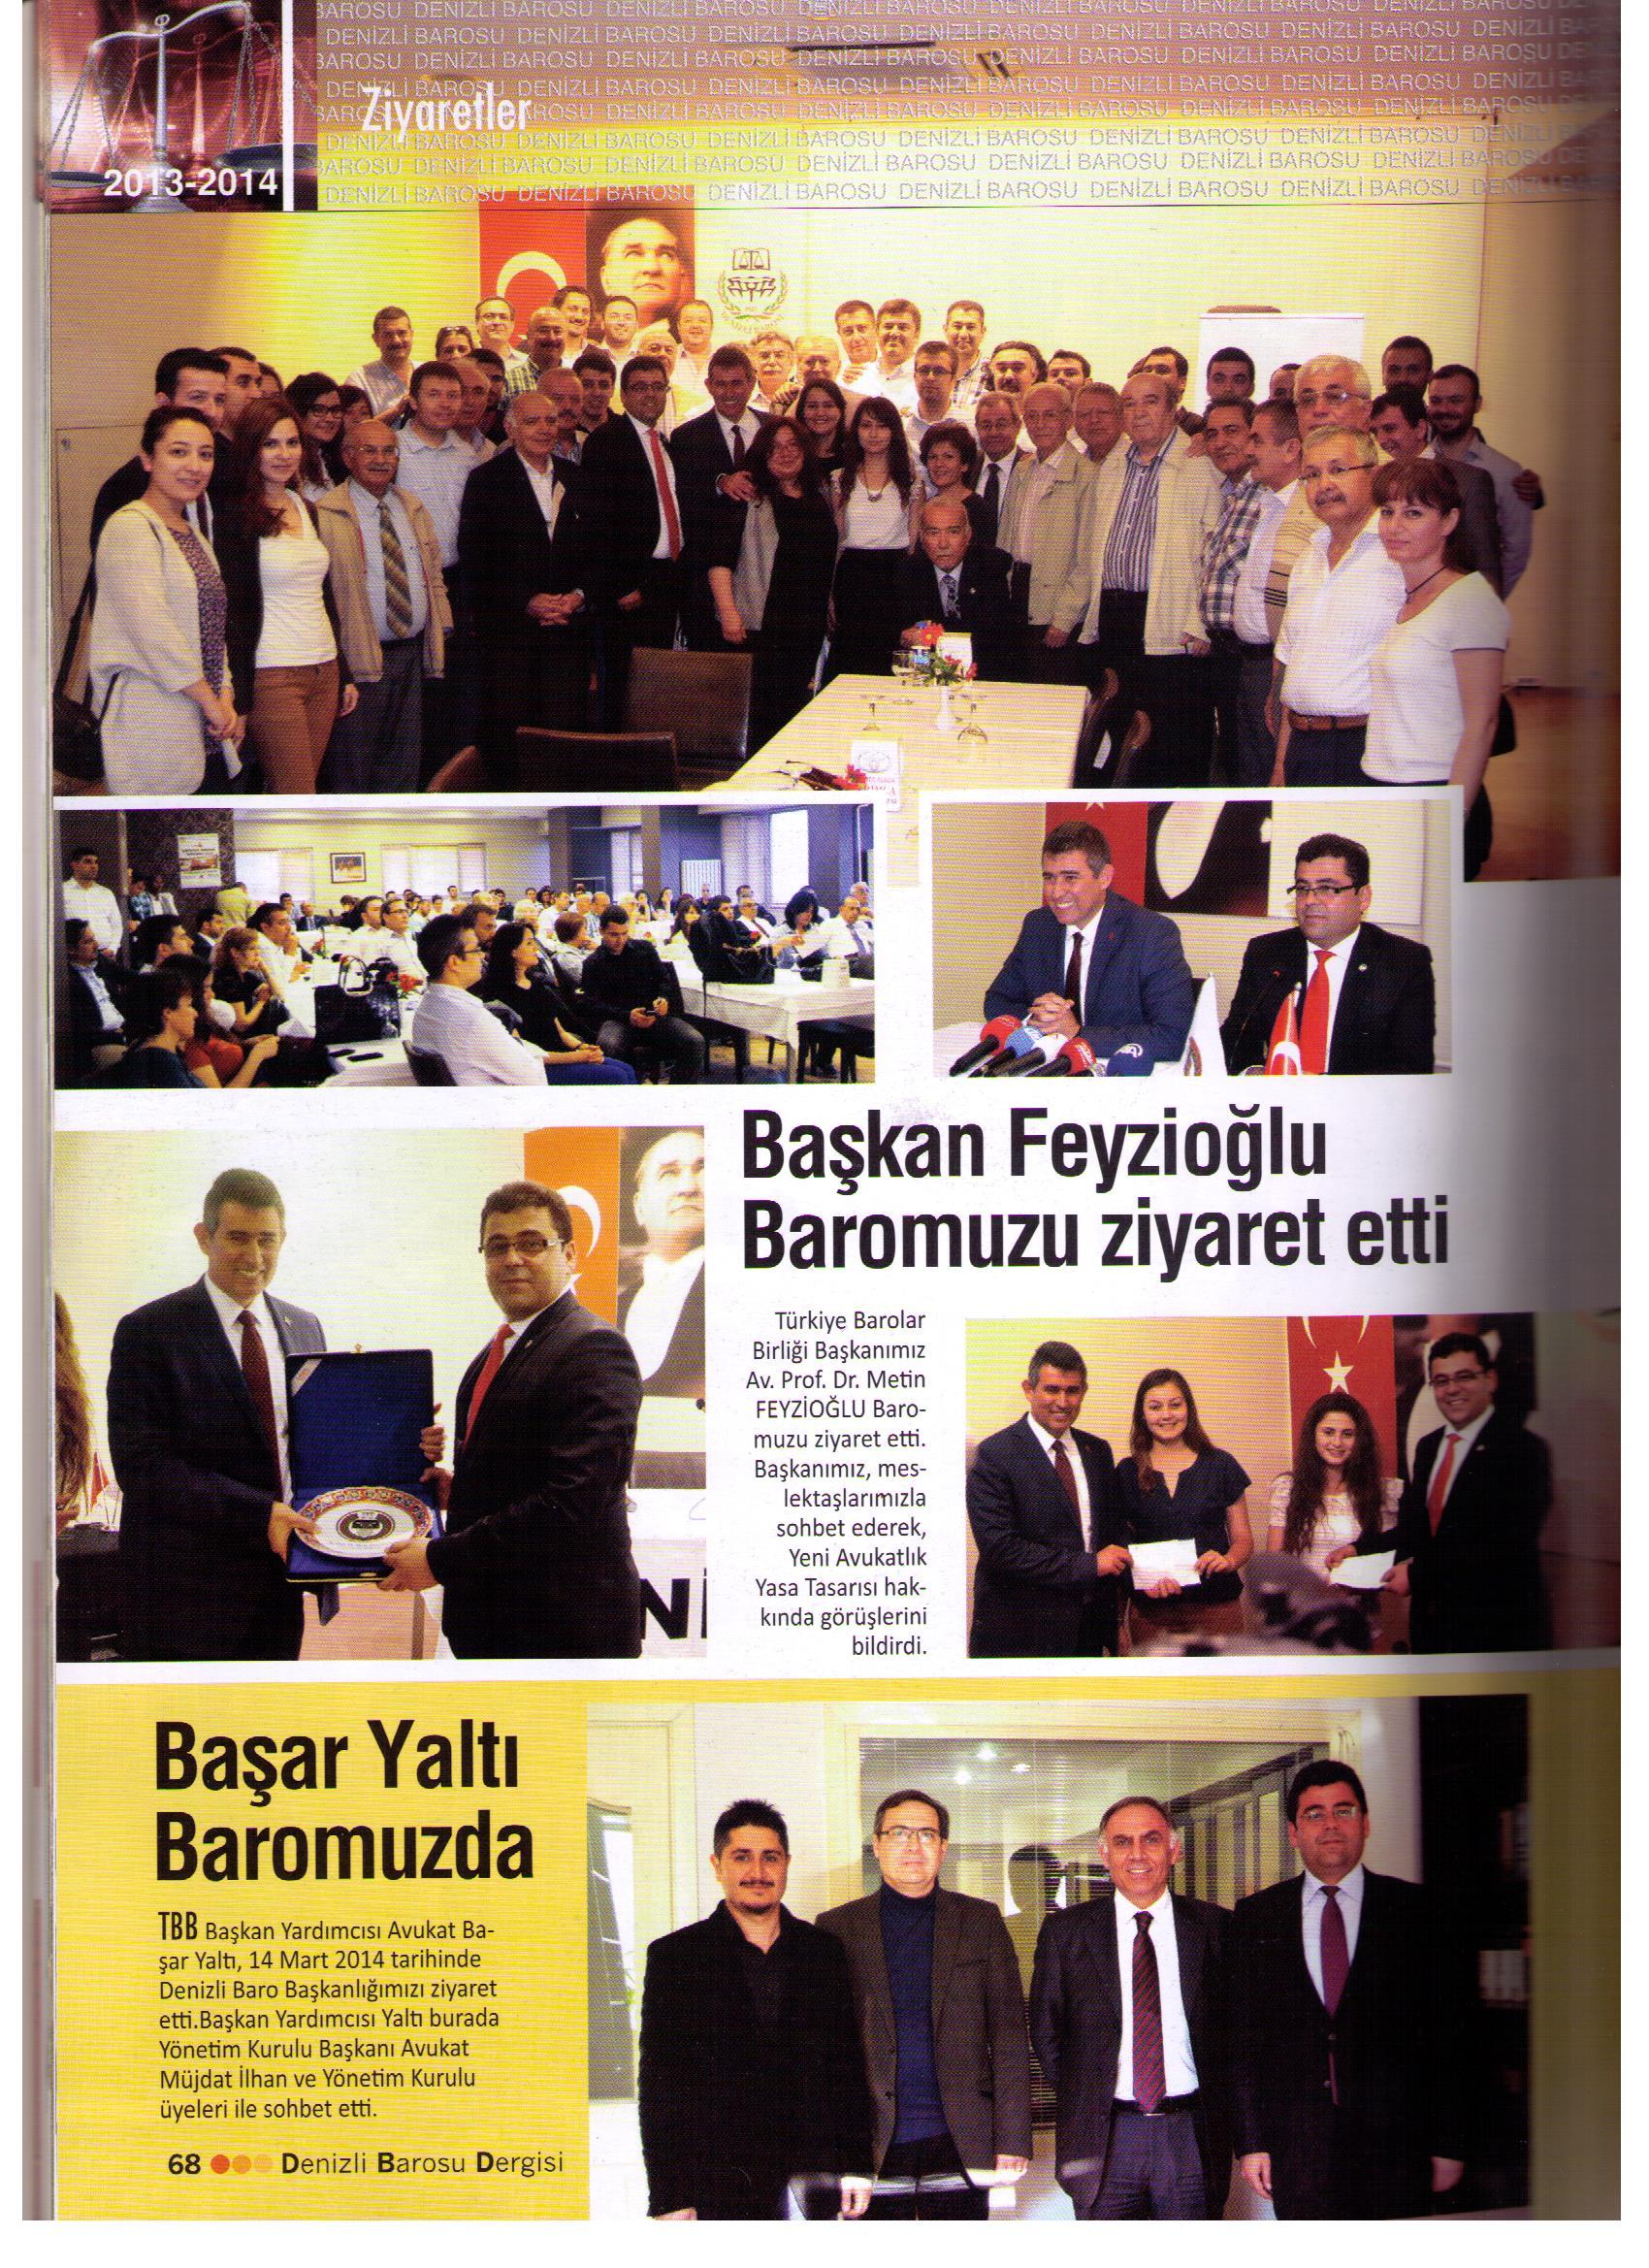 Denizli Barosu Dergisi, Denizli Barosu Yay�n Organ� 2013-2014 Y�l:2 Say�:5